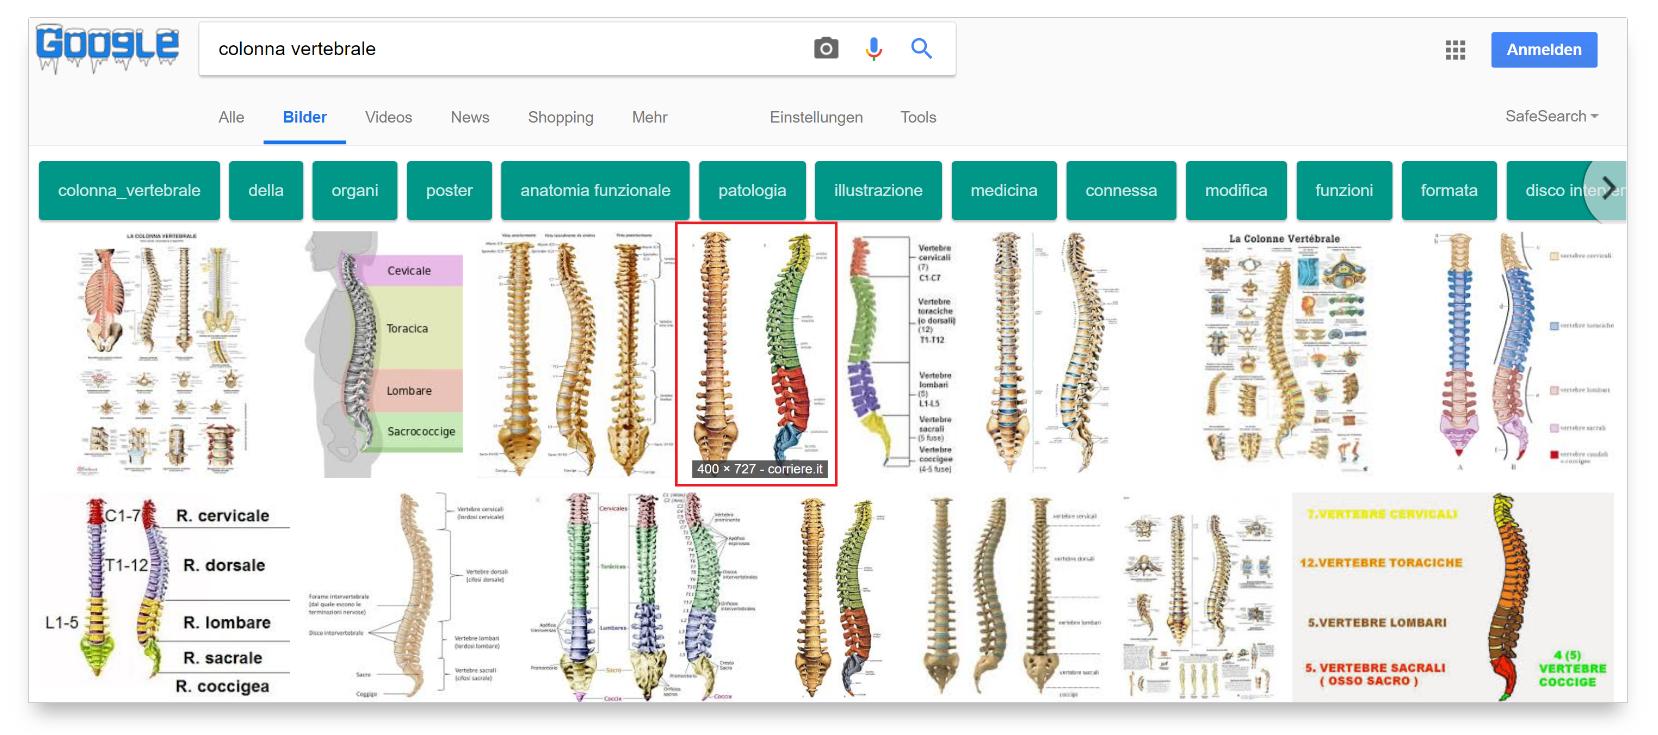 """Ricerca immagini per """"Colonna vertebrale"""""""